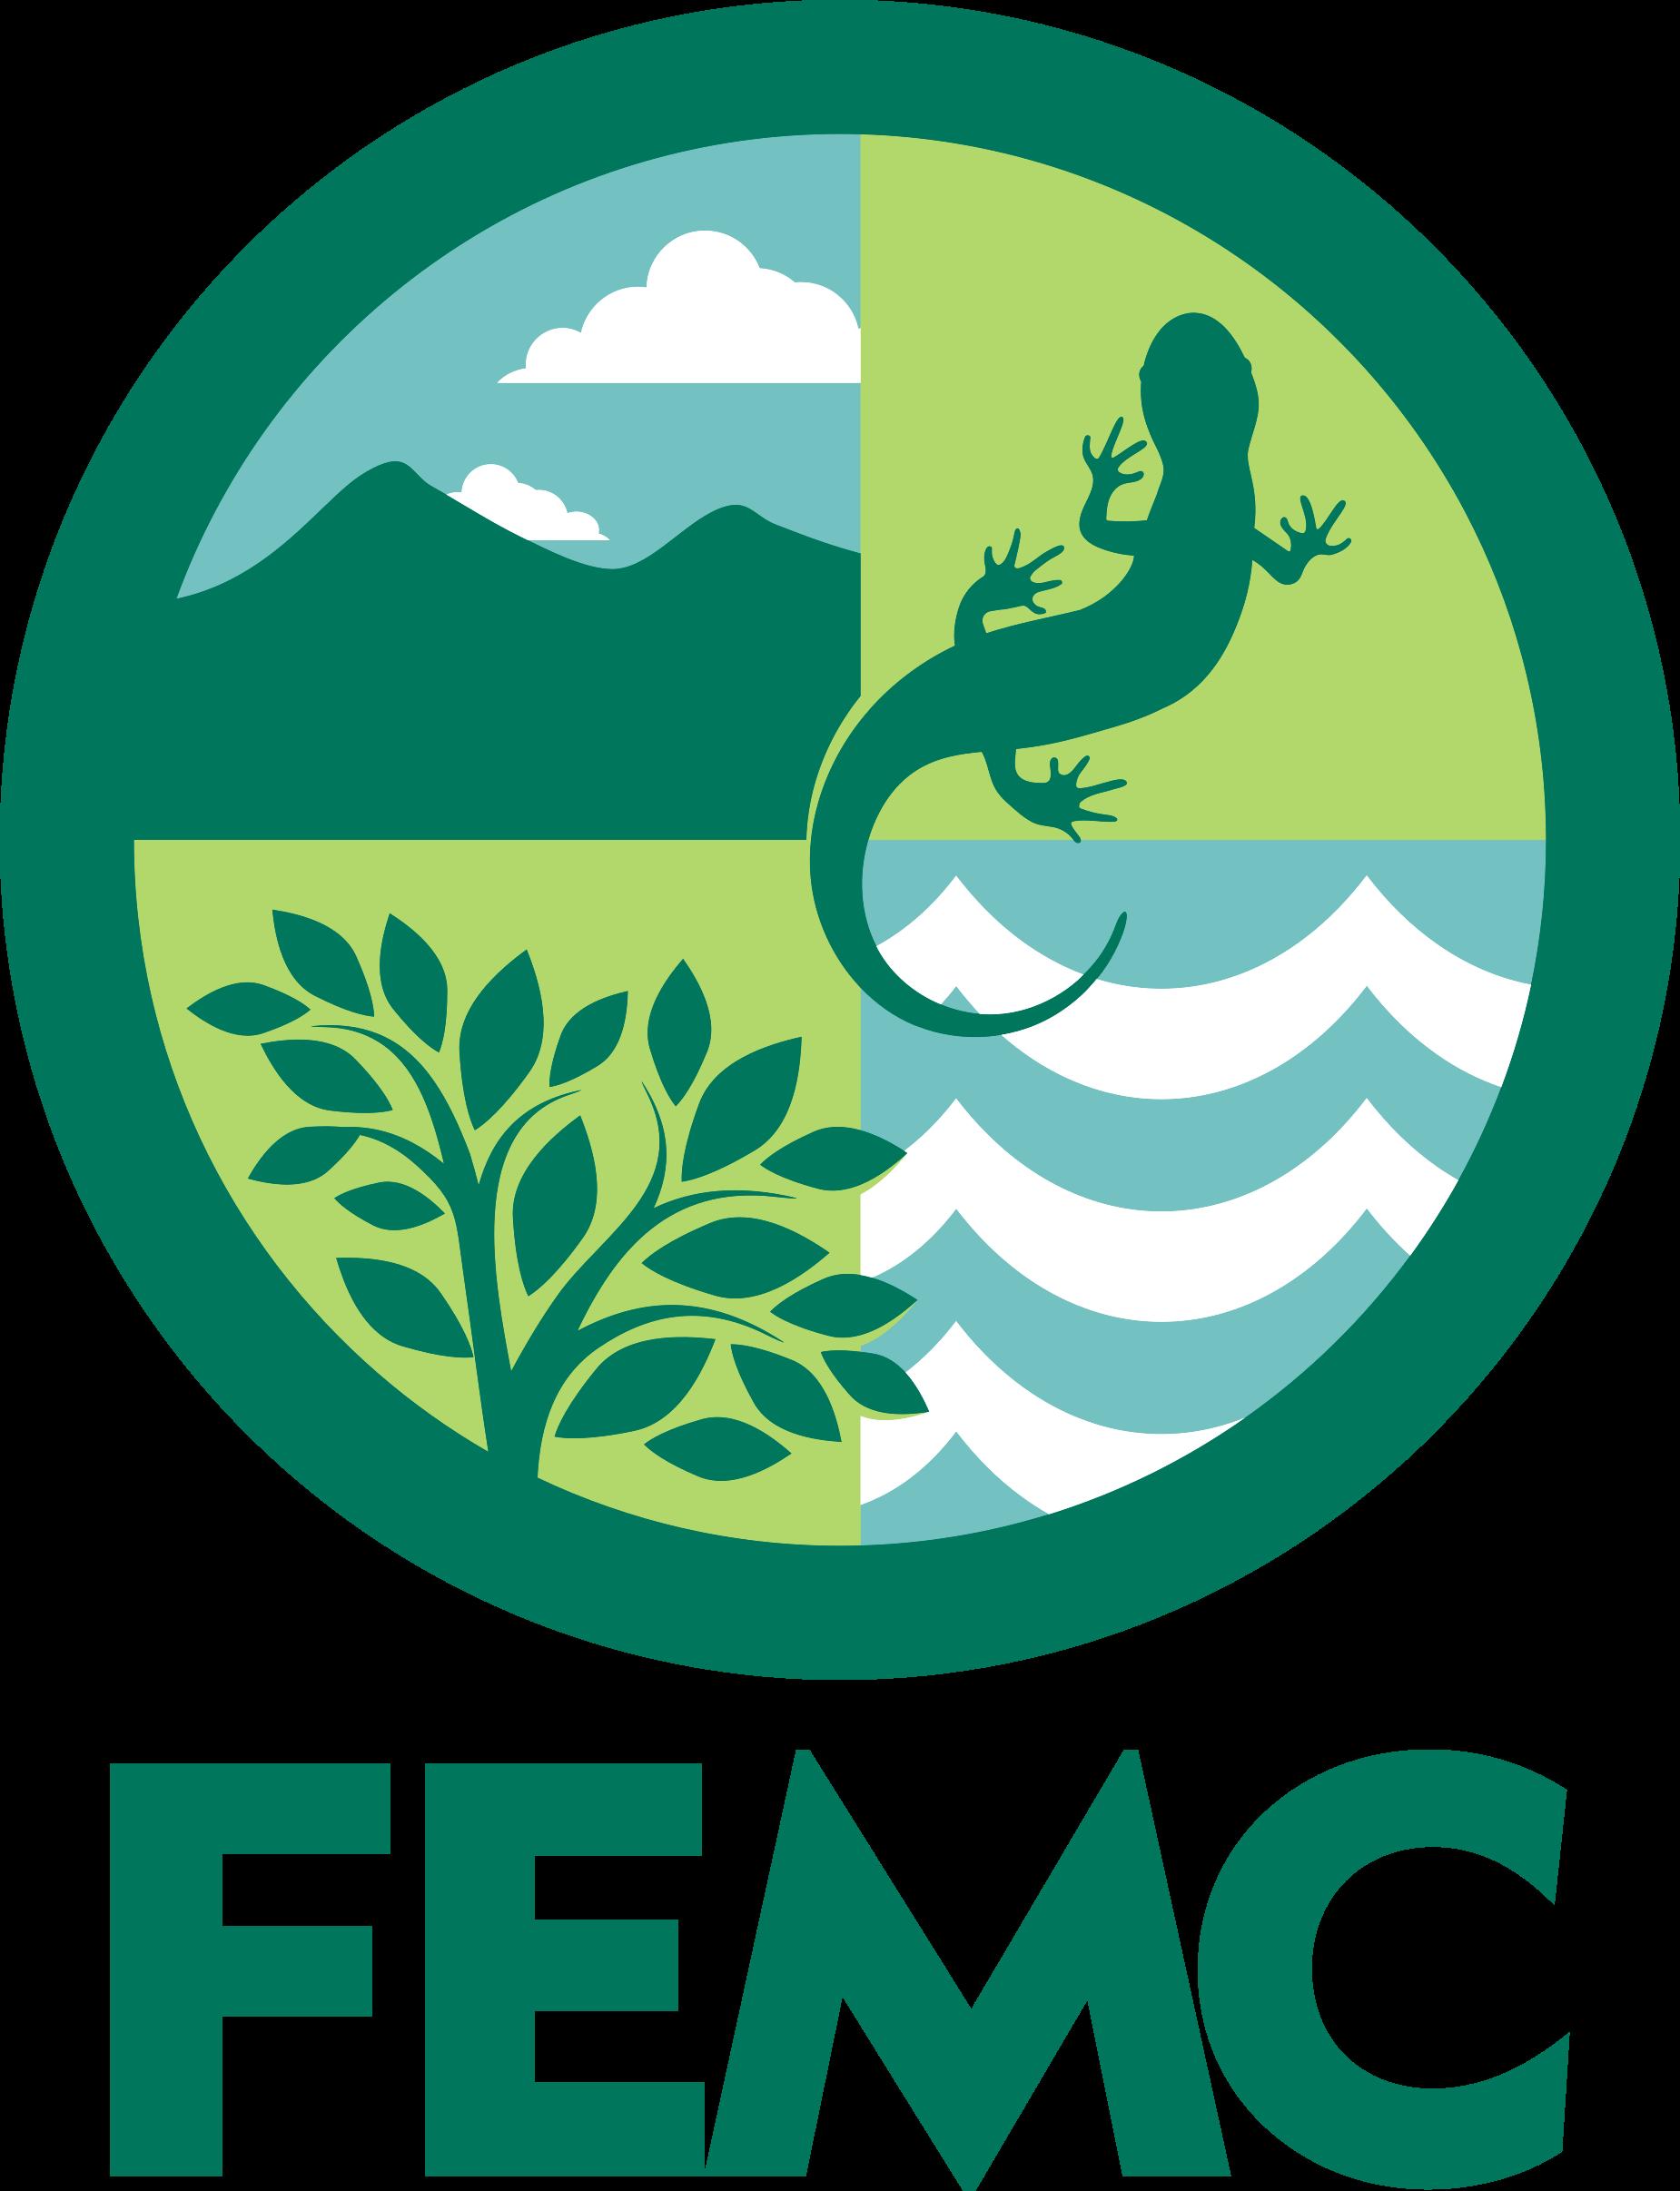 FEMC - Dataset -ArcGIS python script model - Overview